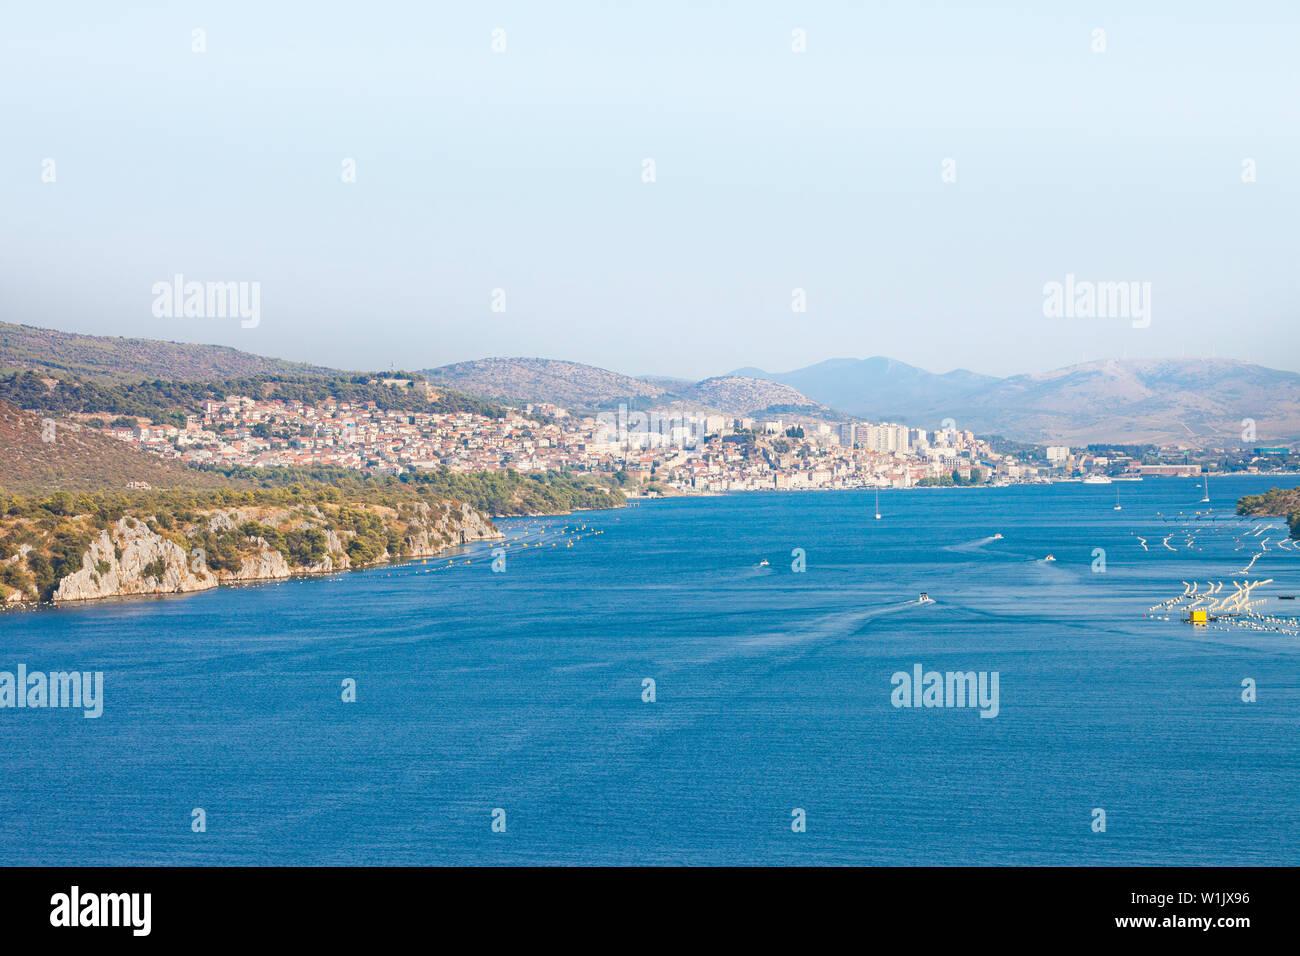 Sibenik, Kroatien, Europa - Blick von der Brücke in Richtung Sibenik Sibenski Die meisten Stockfoto